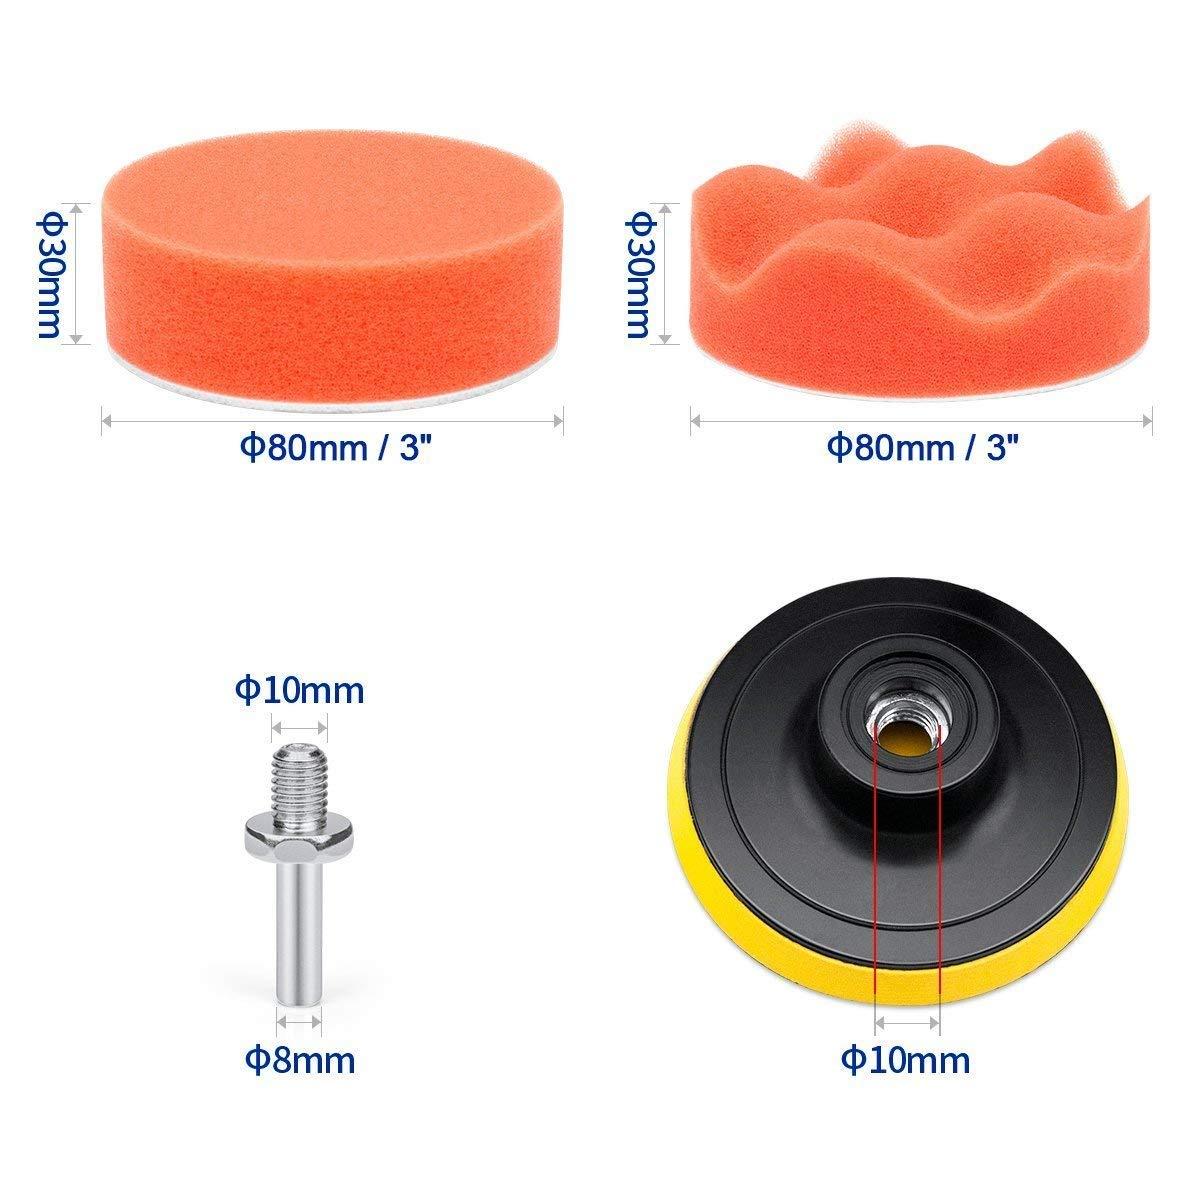 QFUN Polishing Sponge Car 25 Pieces 3 Inch Polishing Pad Set Wool Polishing Pad Polishing Pad for Polishing Machine Polishing Pad Drill M10 Drill and Wool Polishing Paste for Polishing Pad